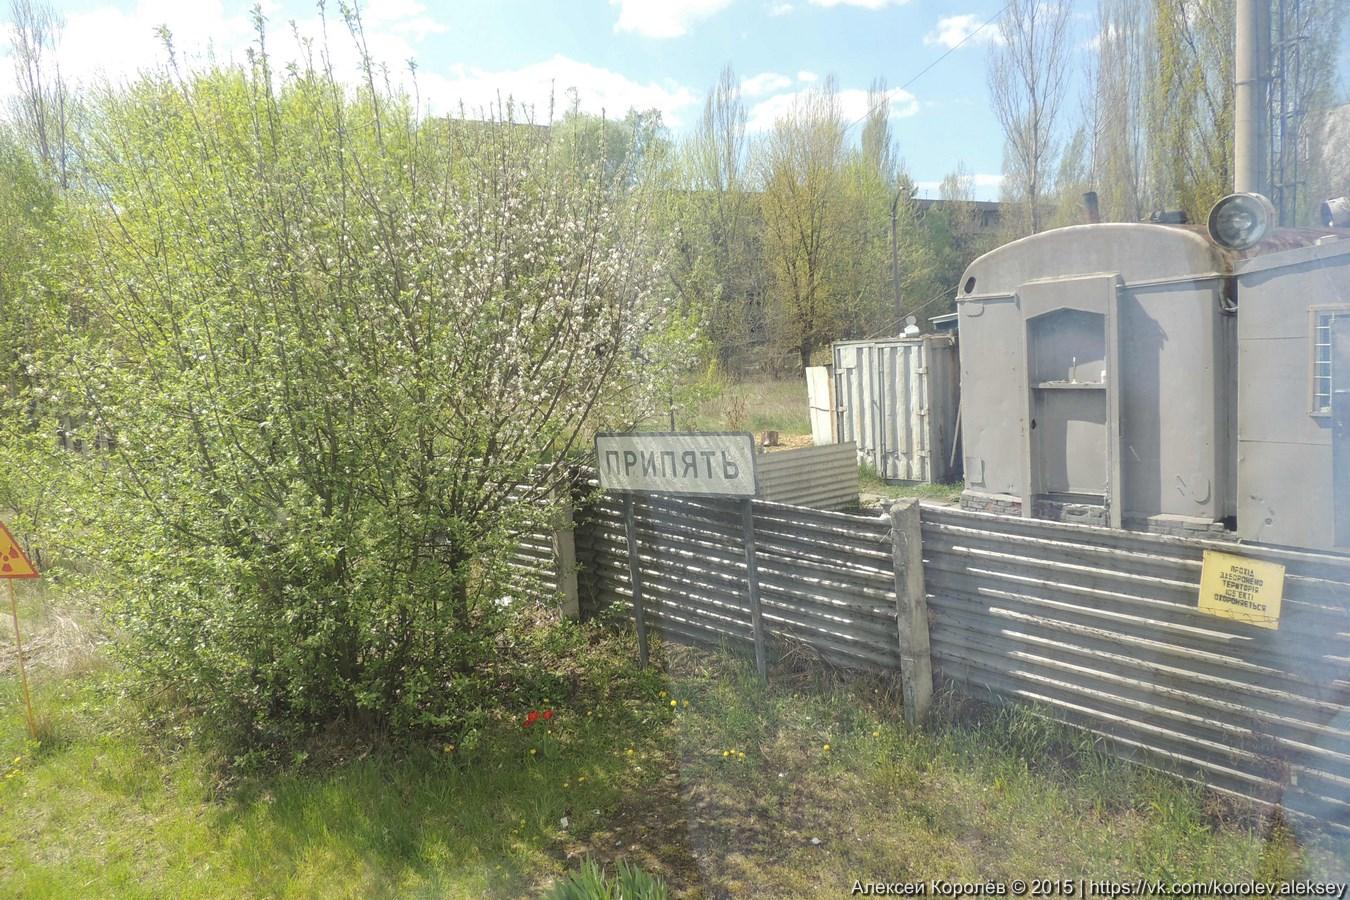 КПП при въезде в Припять